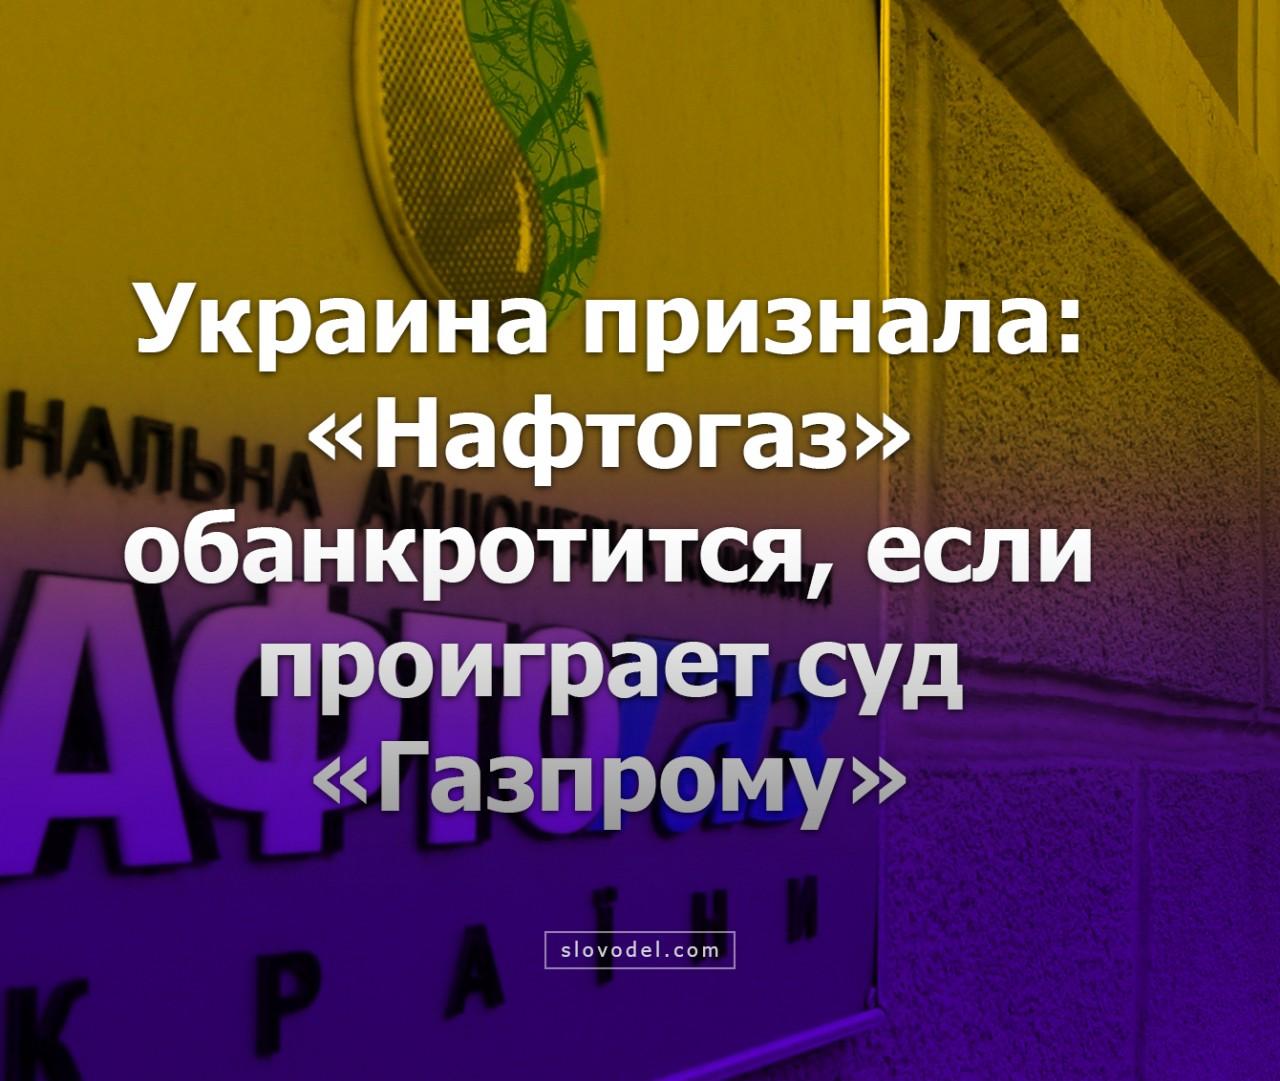 Украина признала свое унизительное положение: «Нафтогаз» обанкротится, если проиграет суд «Газпрому»